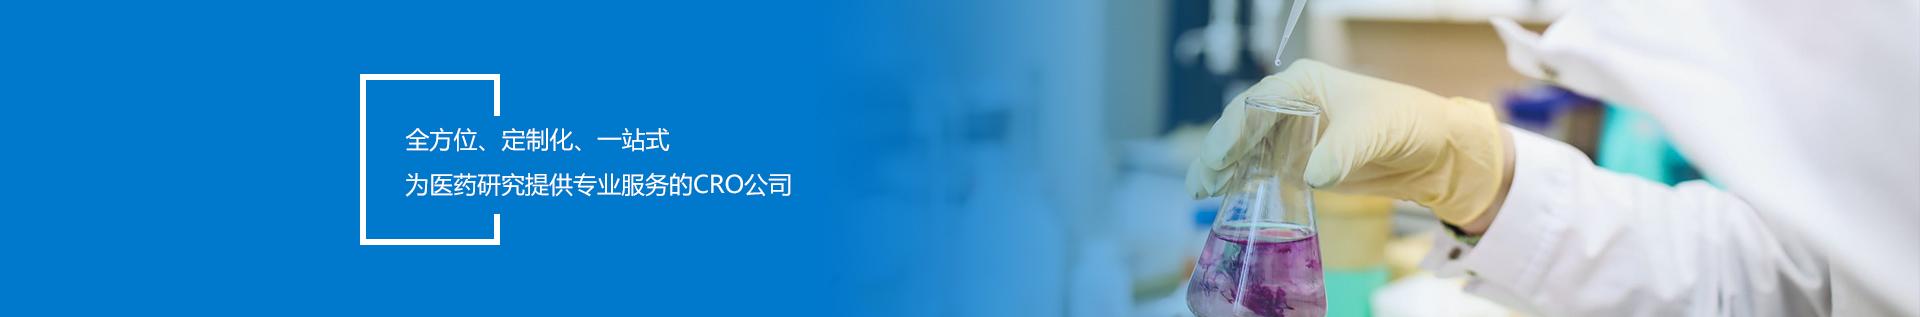 桐晖药业是一家为医药研究提供专业服务的CRO公司